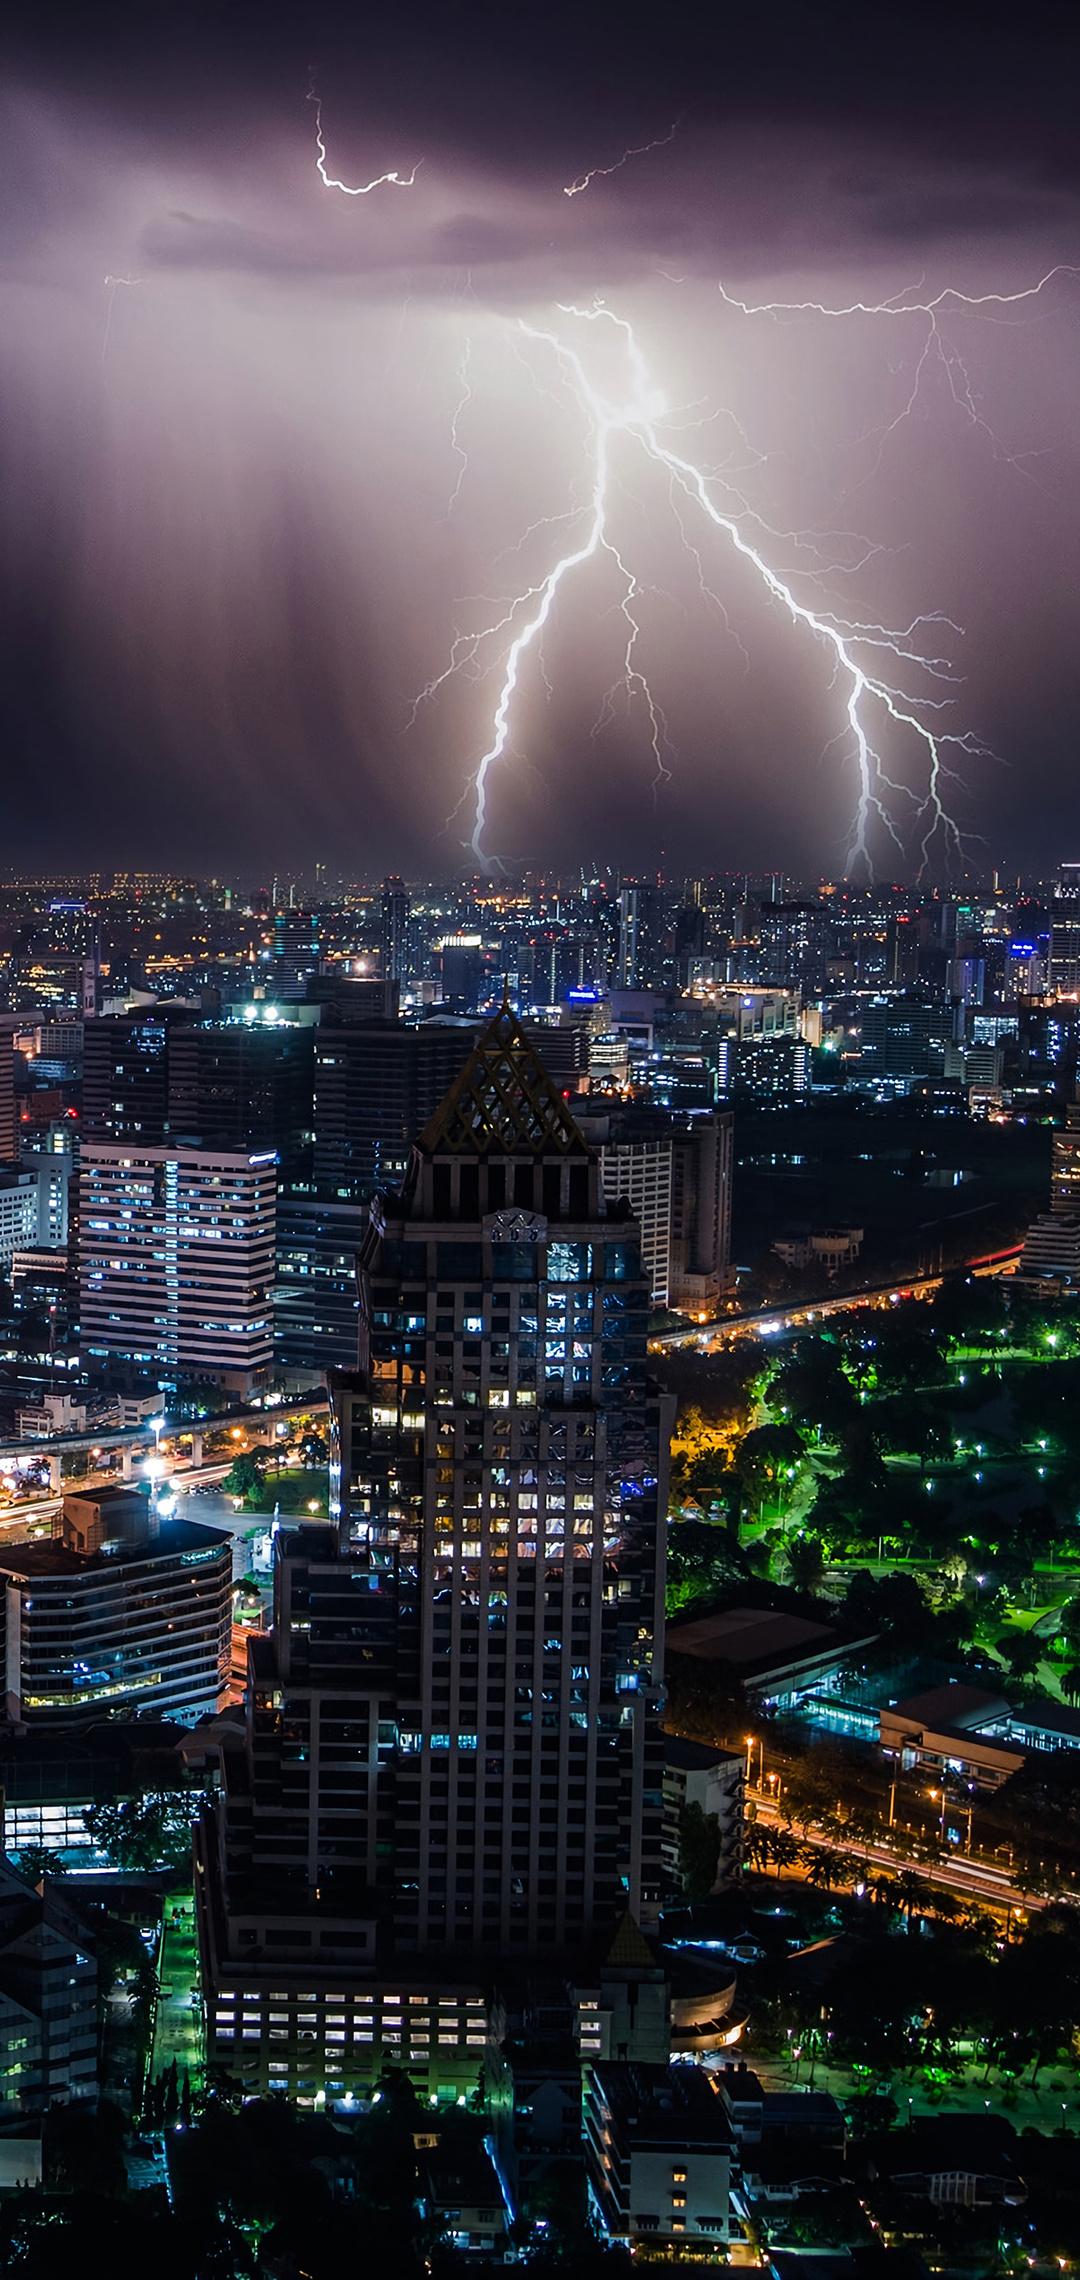 lightning-storm-at-night-bangkok-4k-k4.jpg